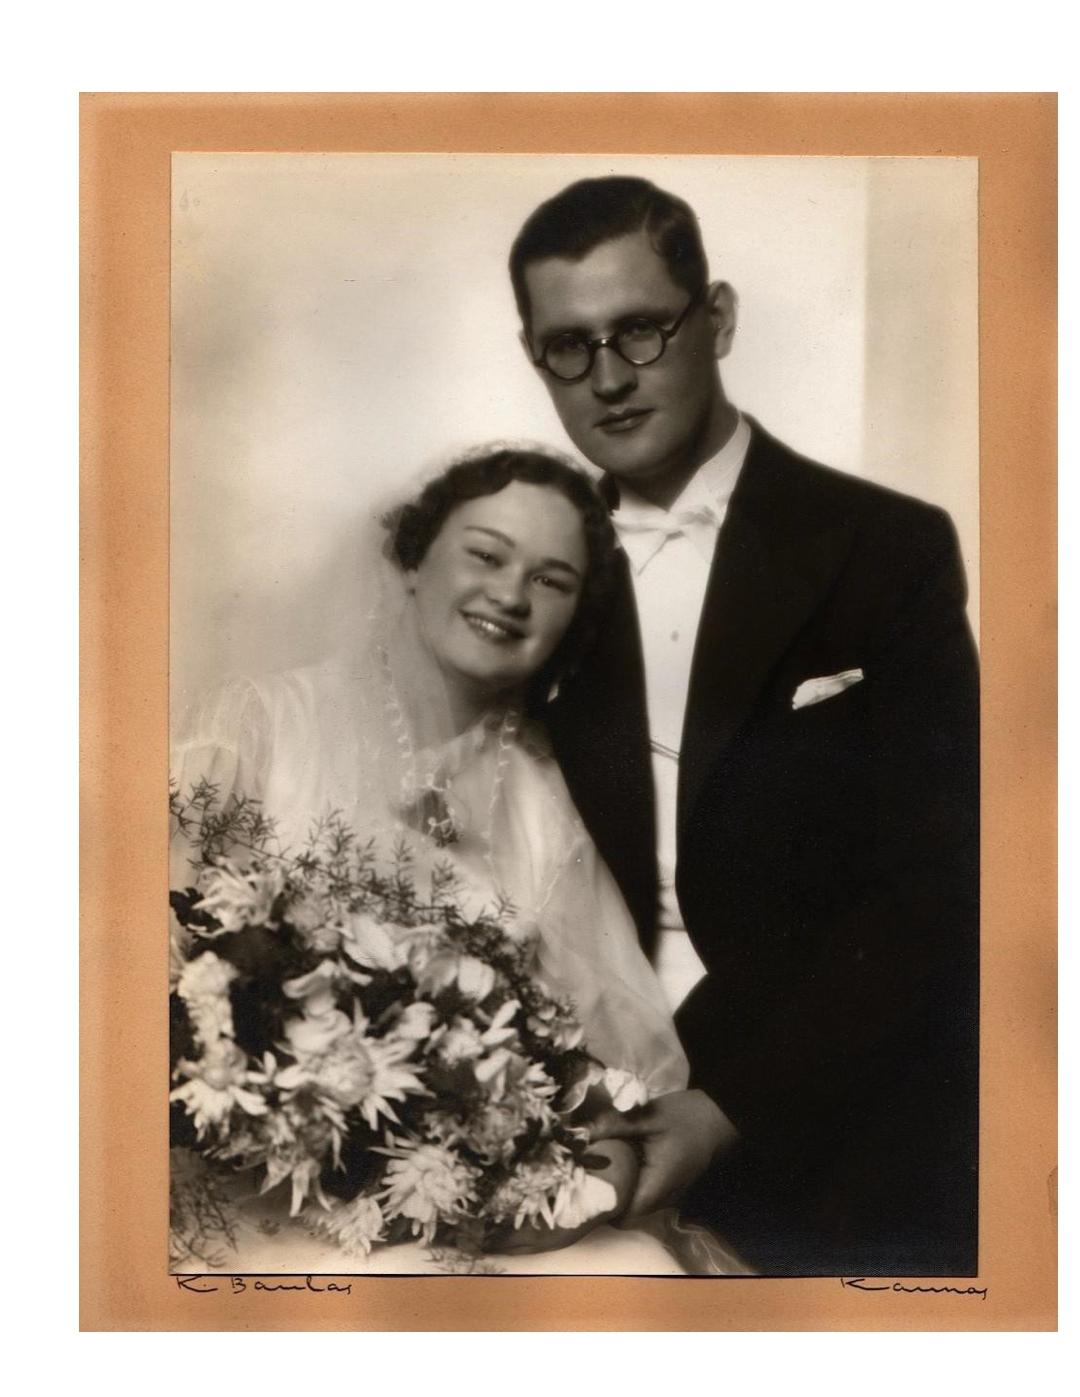 ANICETAS AND JANINA SIMUTIS 1936